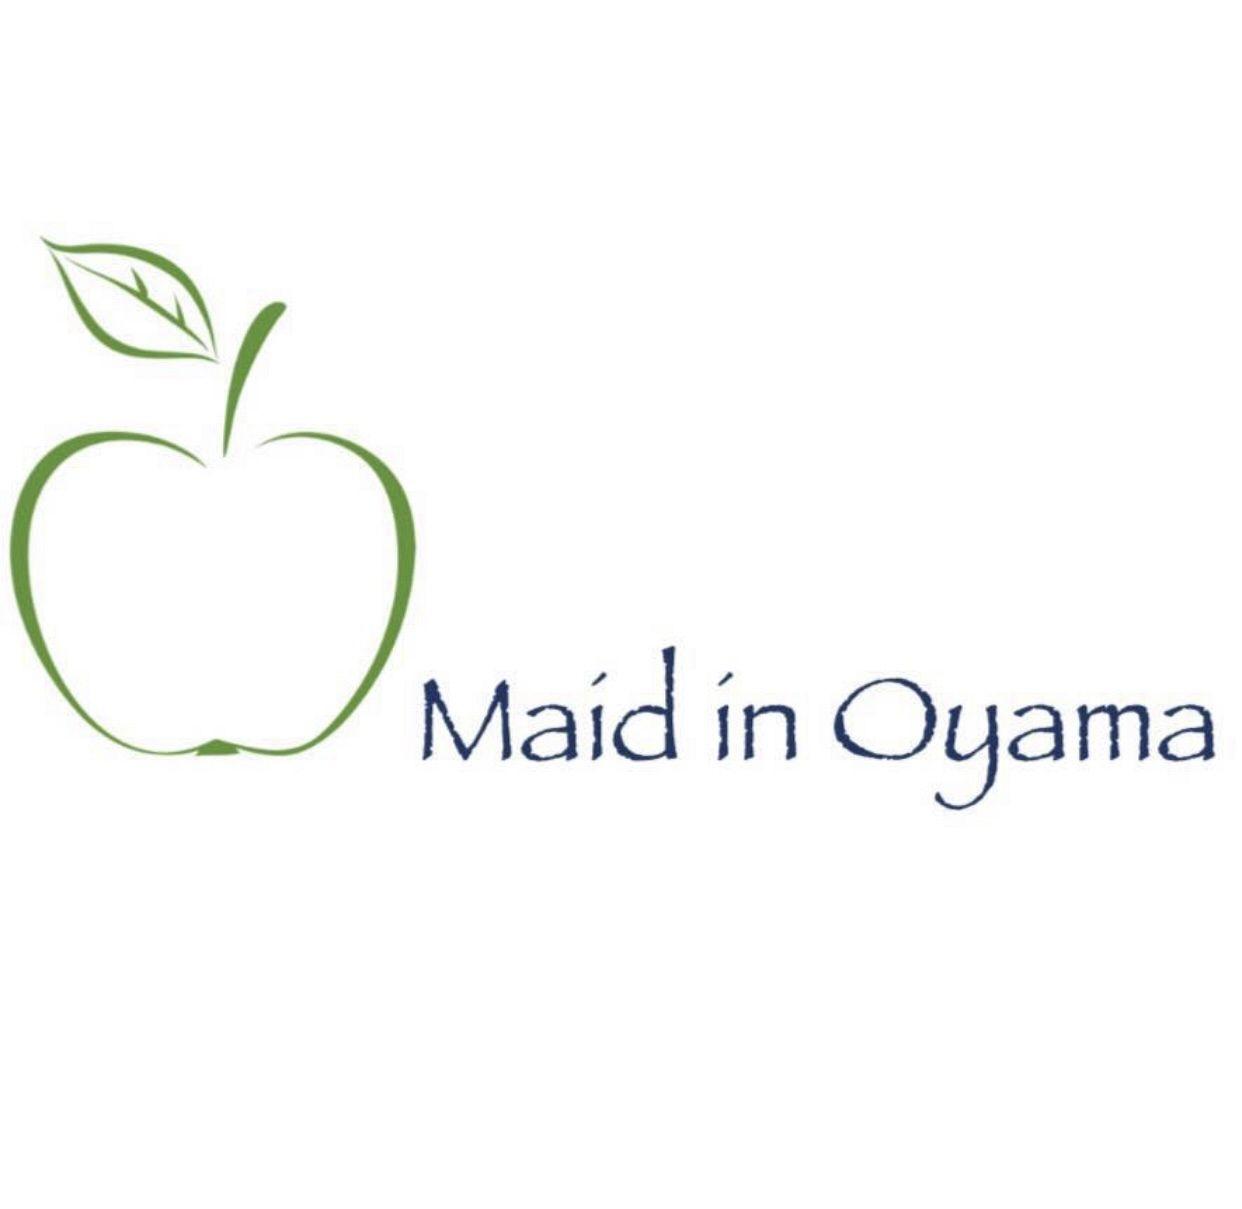 Maid in Oyama